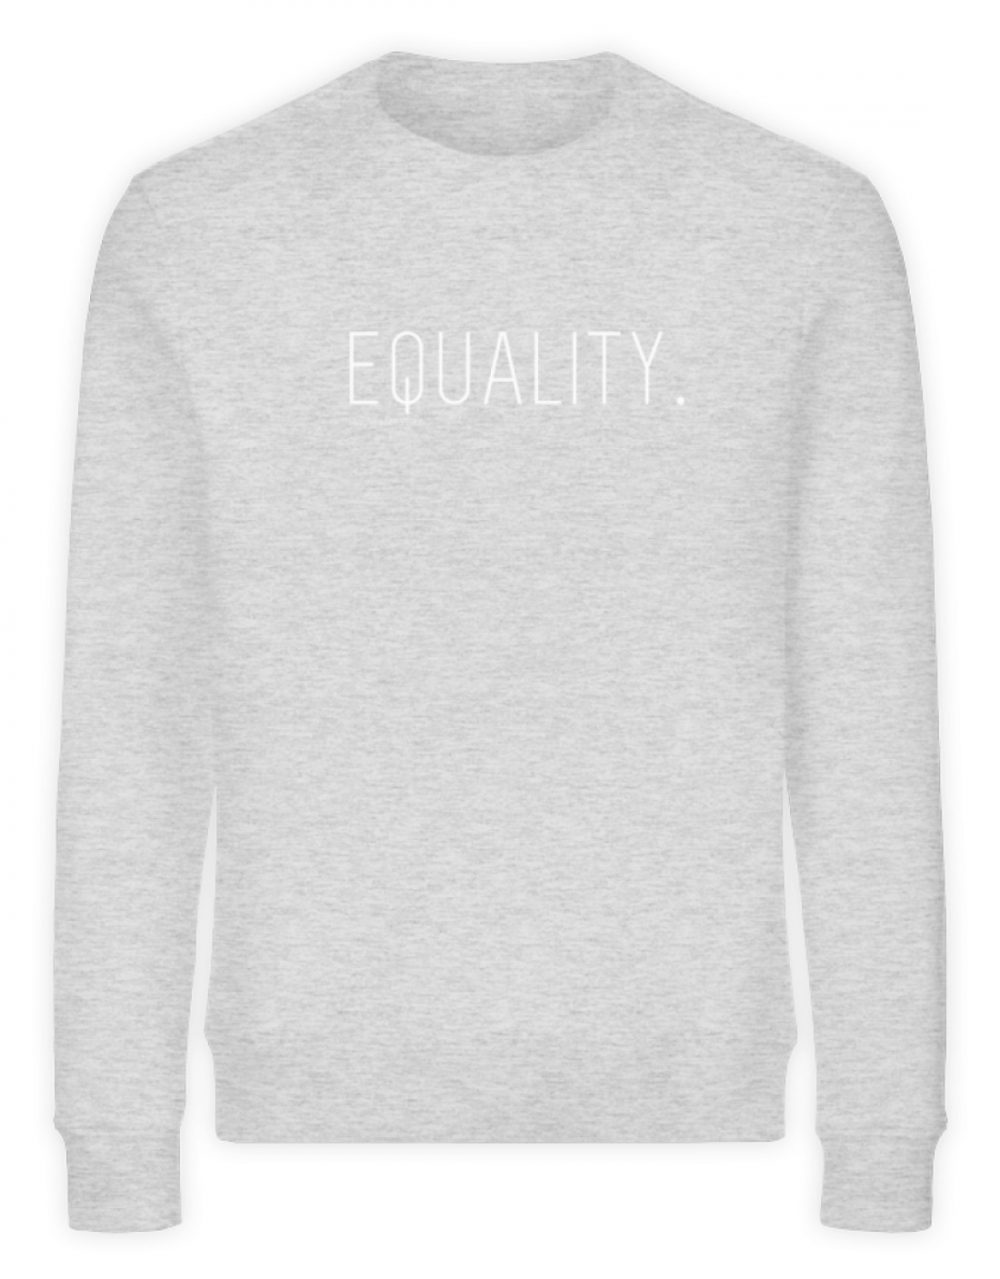 EQUALITY. - Unisex Organic Sweatshirt-6892